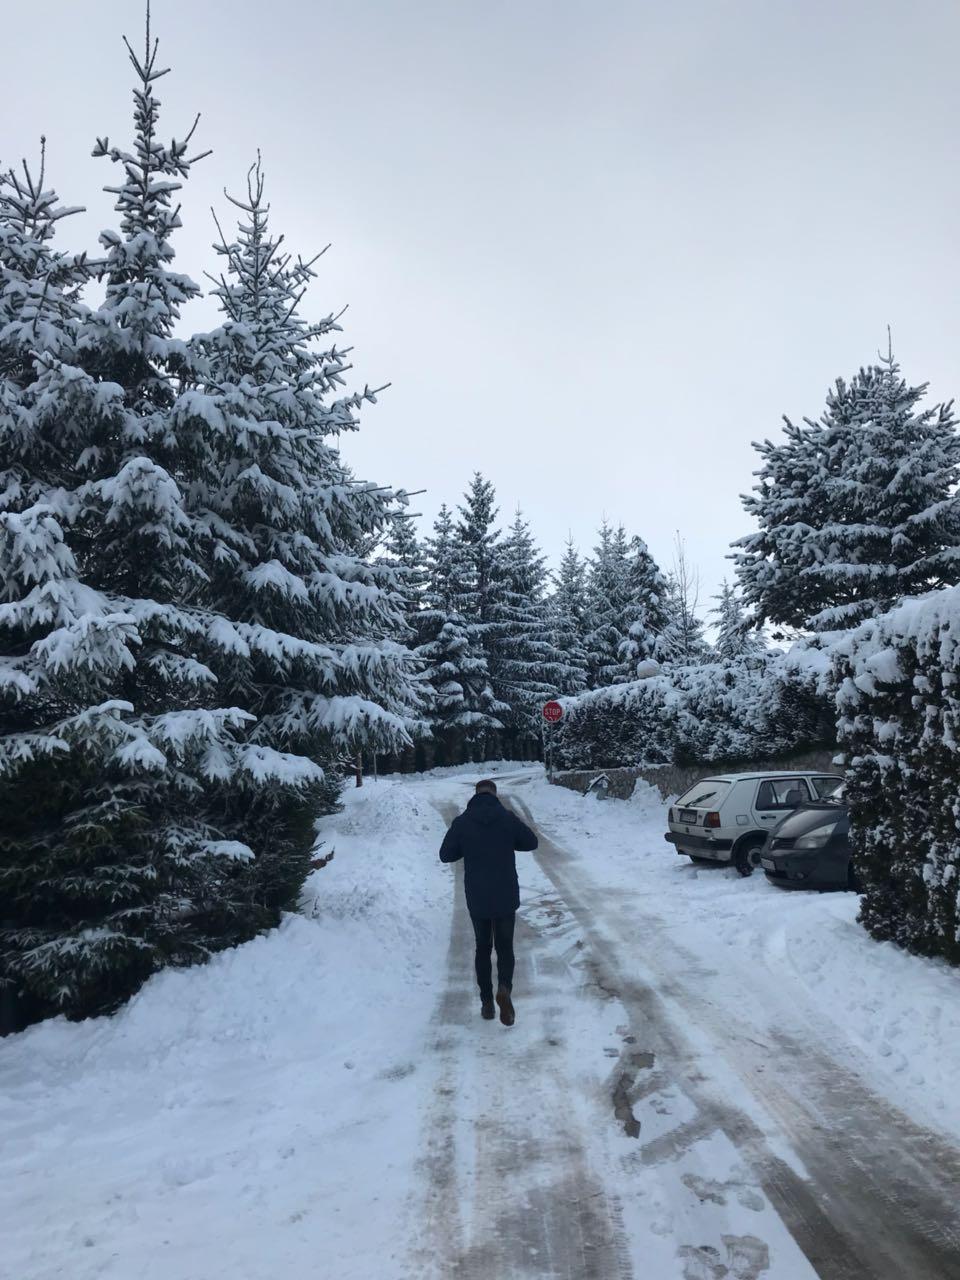 زلاتيبور في صربيا.. جوهرة على ارتفاع 1000 متر